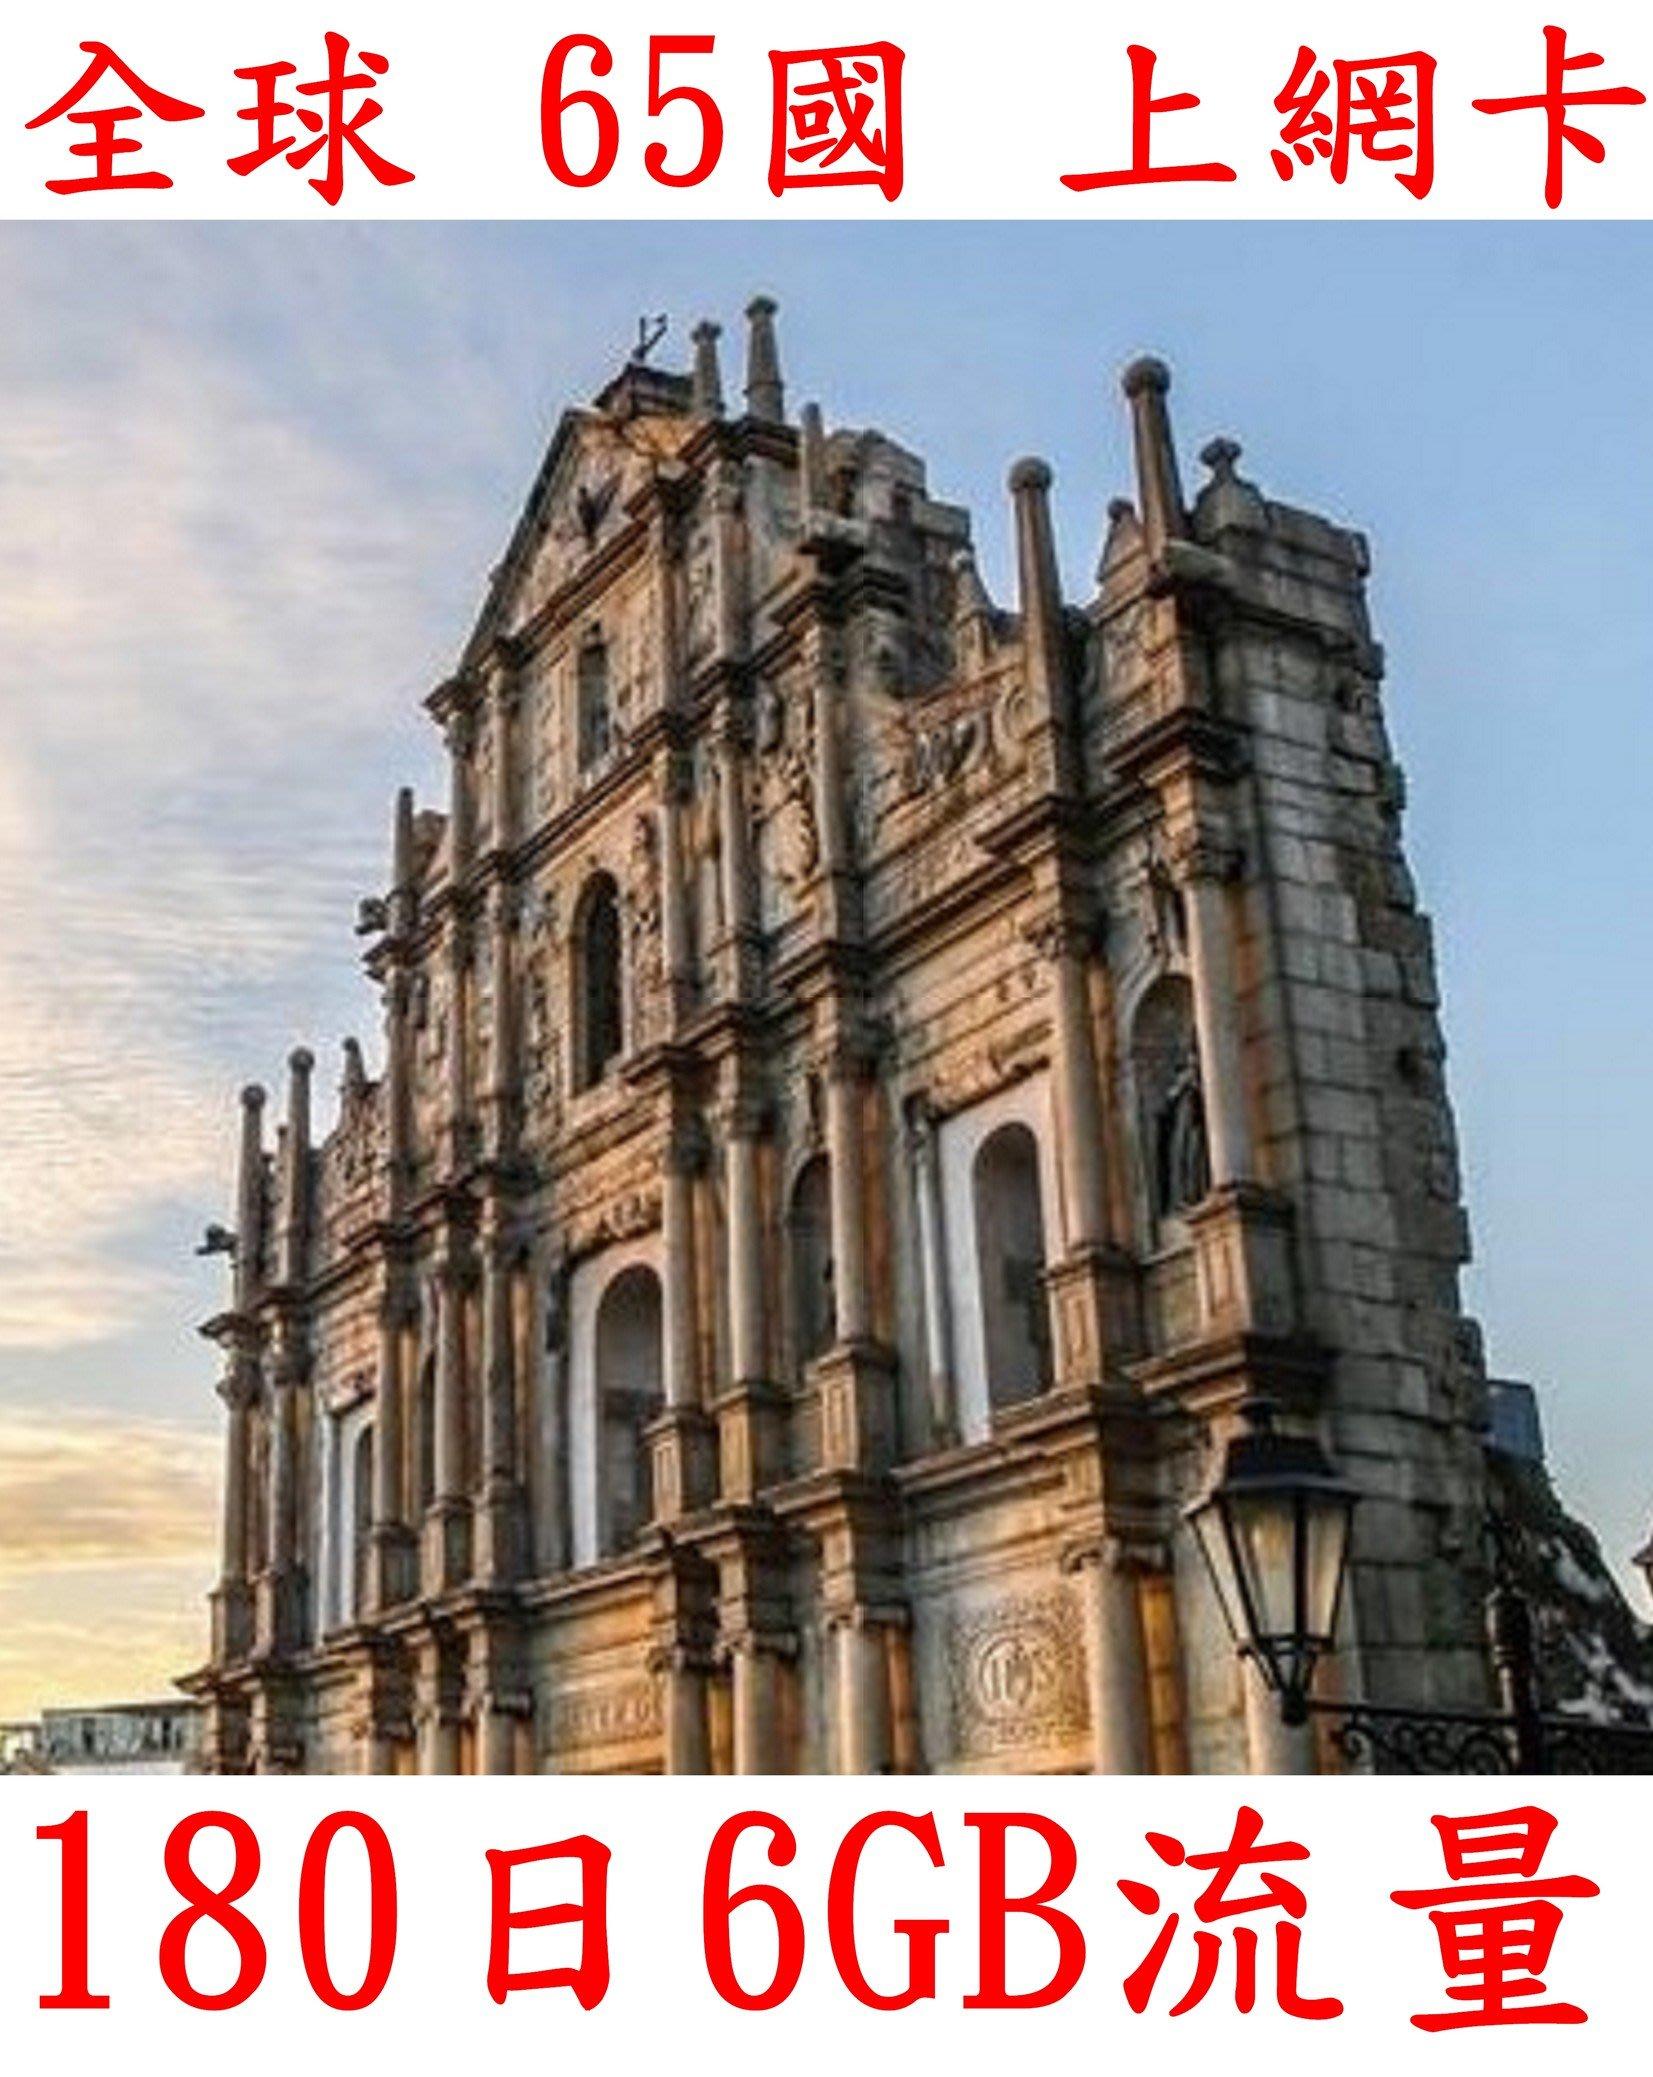 【杰元生活館】全球 65國 180日6GB流量 杜拜上網 土耳其 亞洲上網卡 空服員 船員最佳上網卡